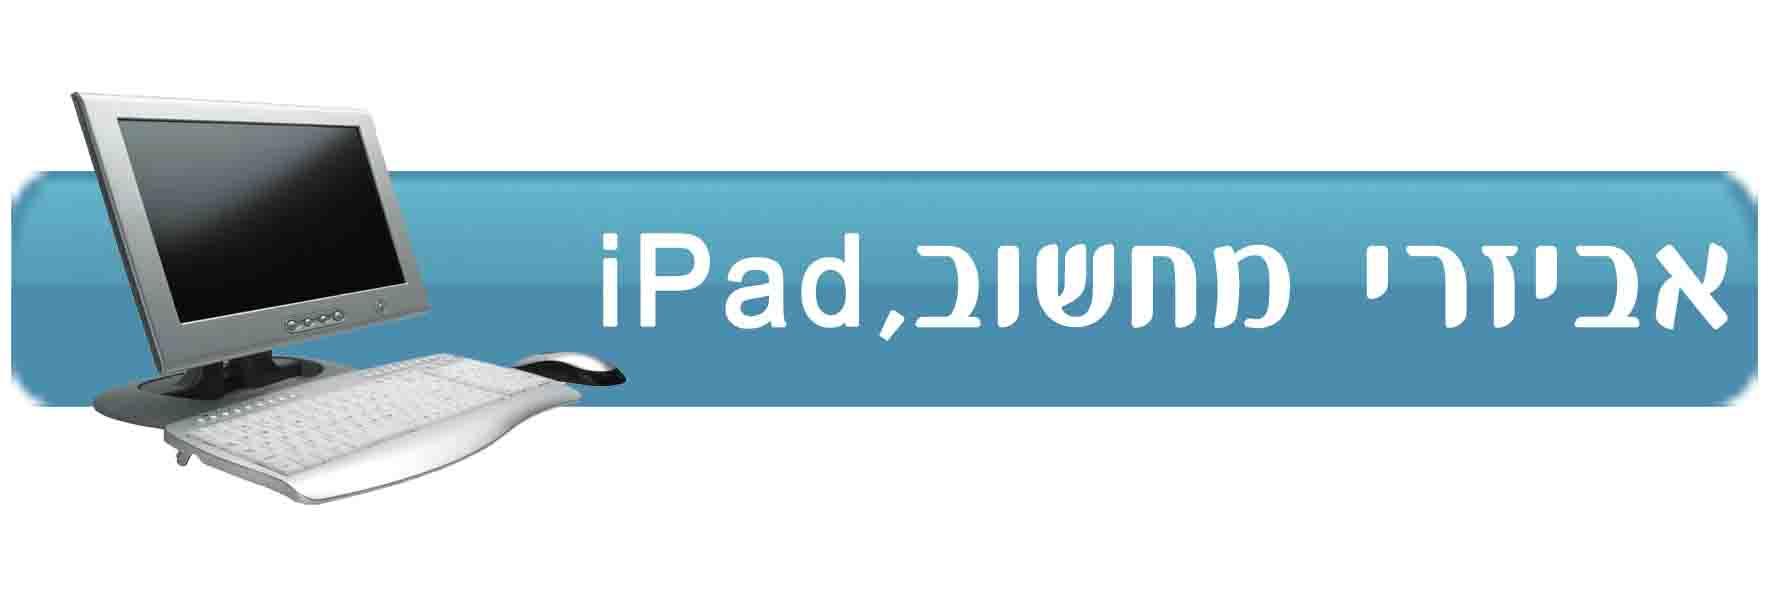 מחשוב, Ipad וציוד הקפי